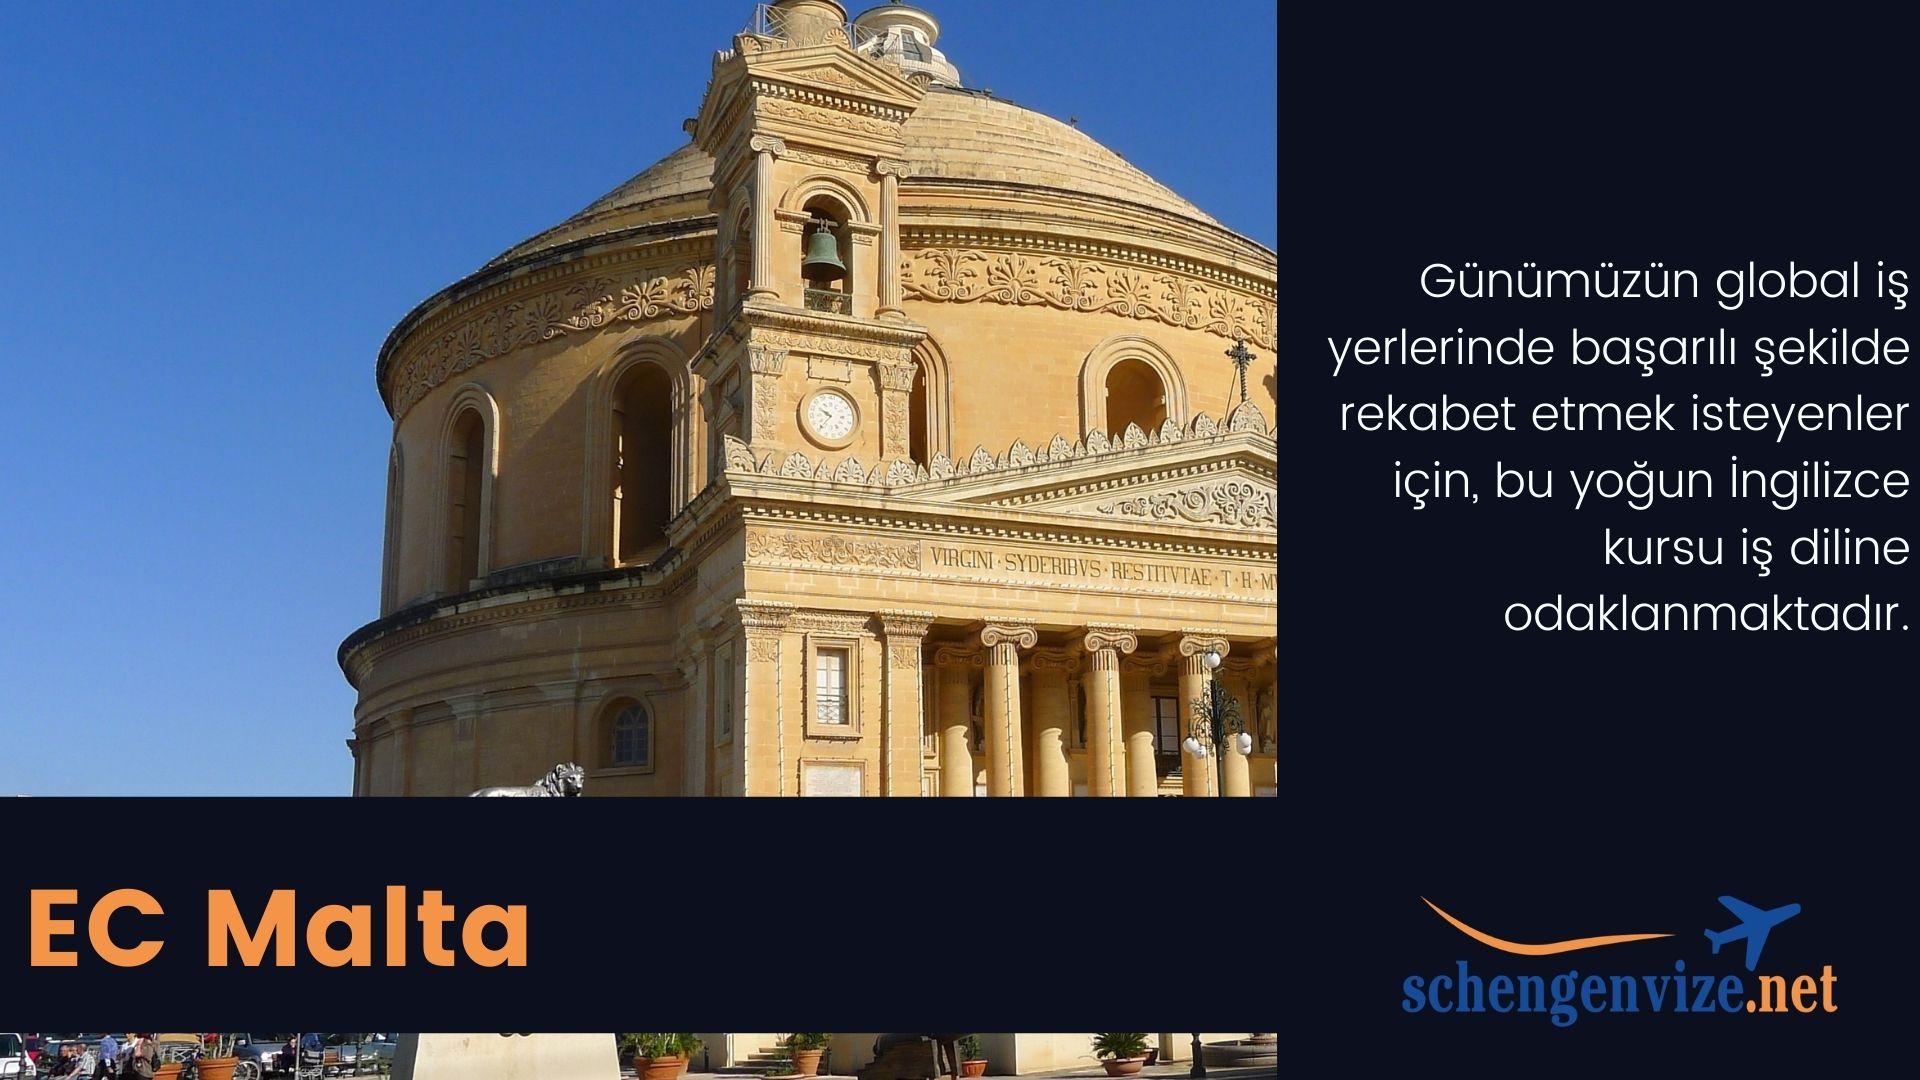 EC Malta İş İngilizcesi